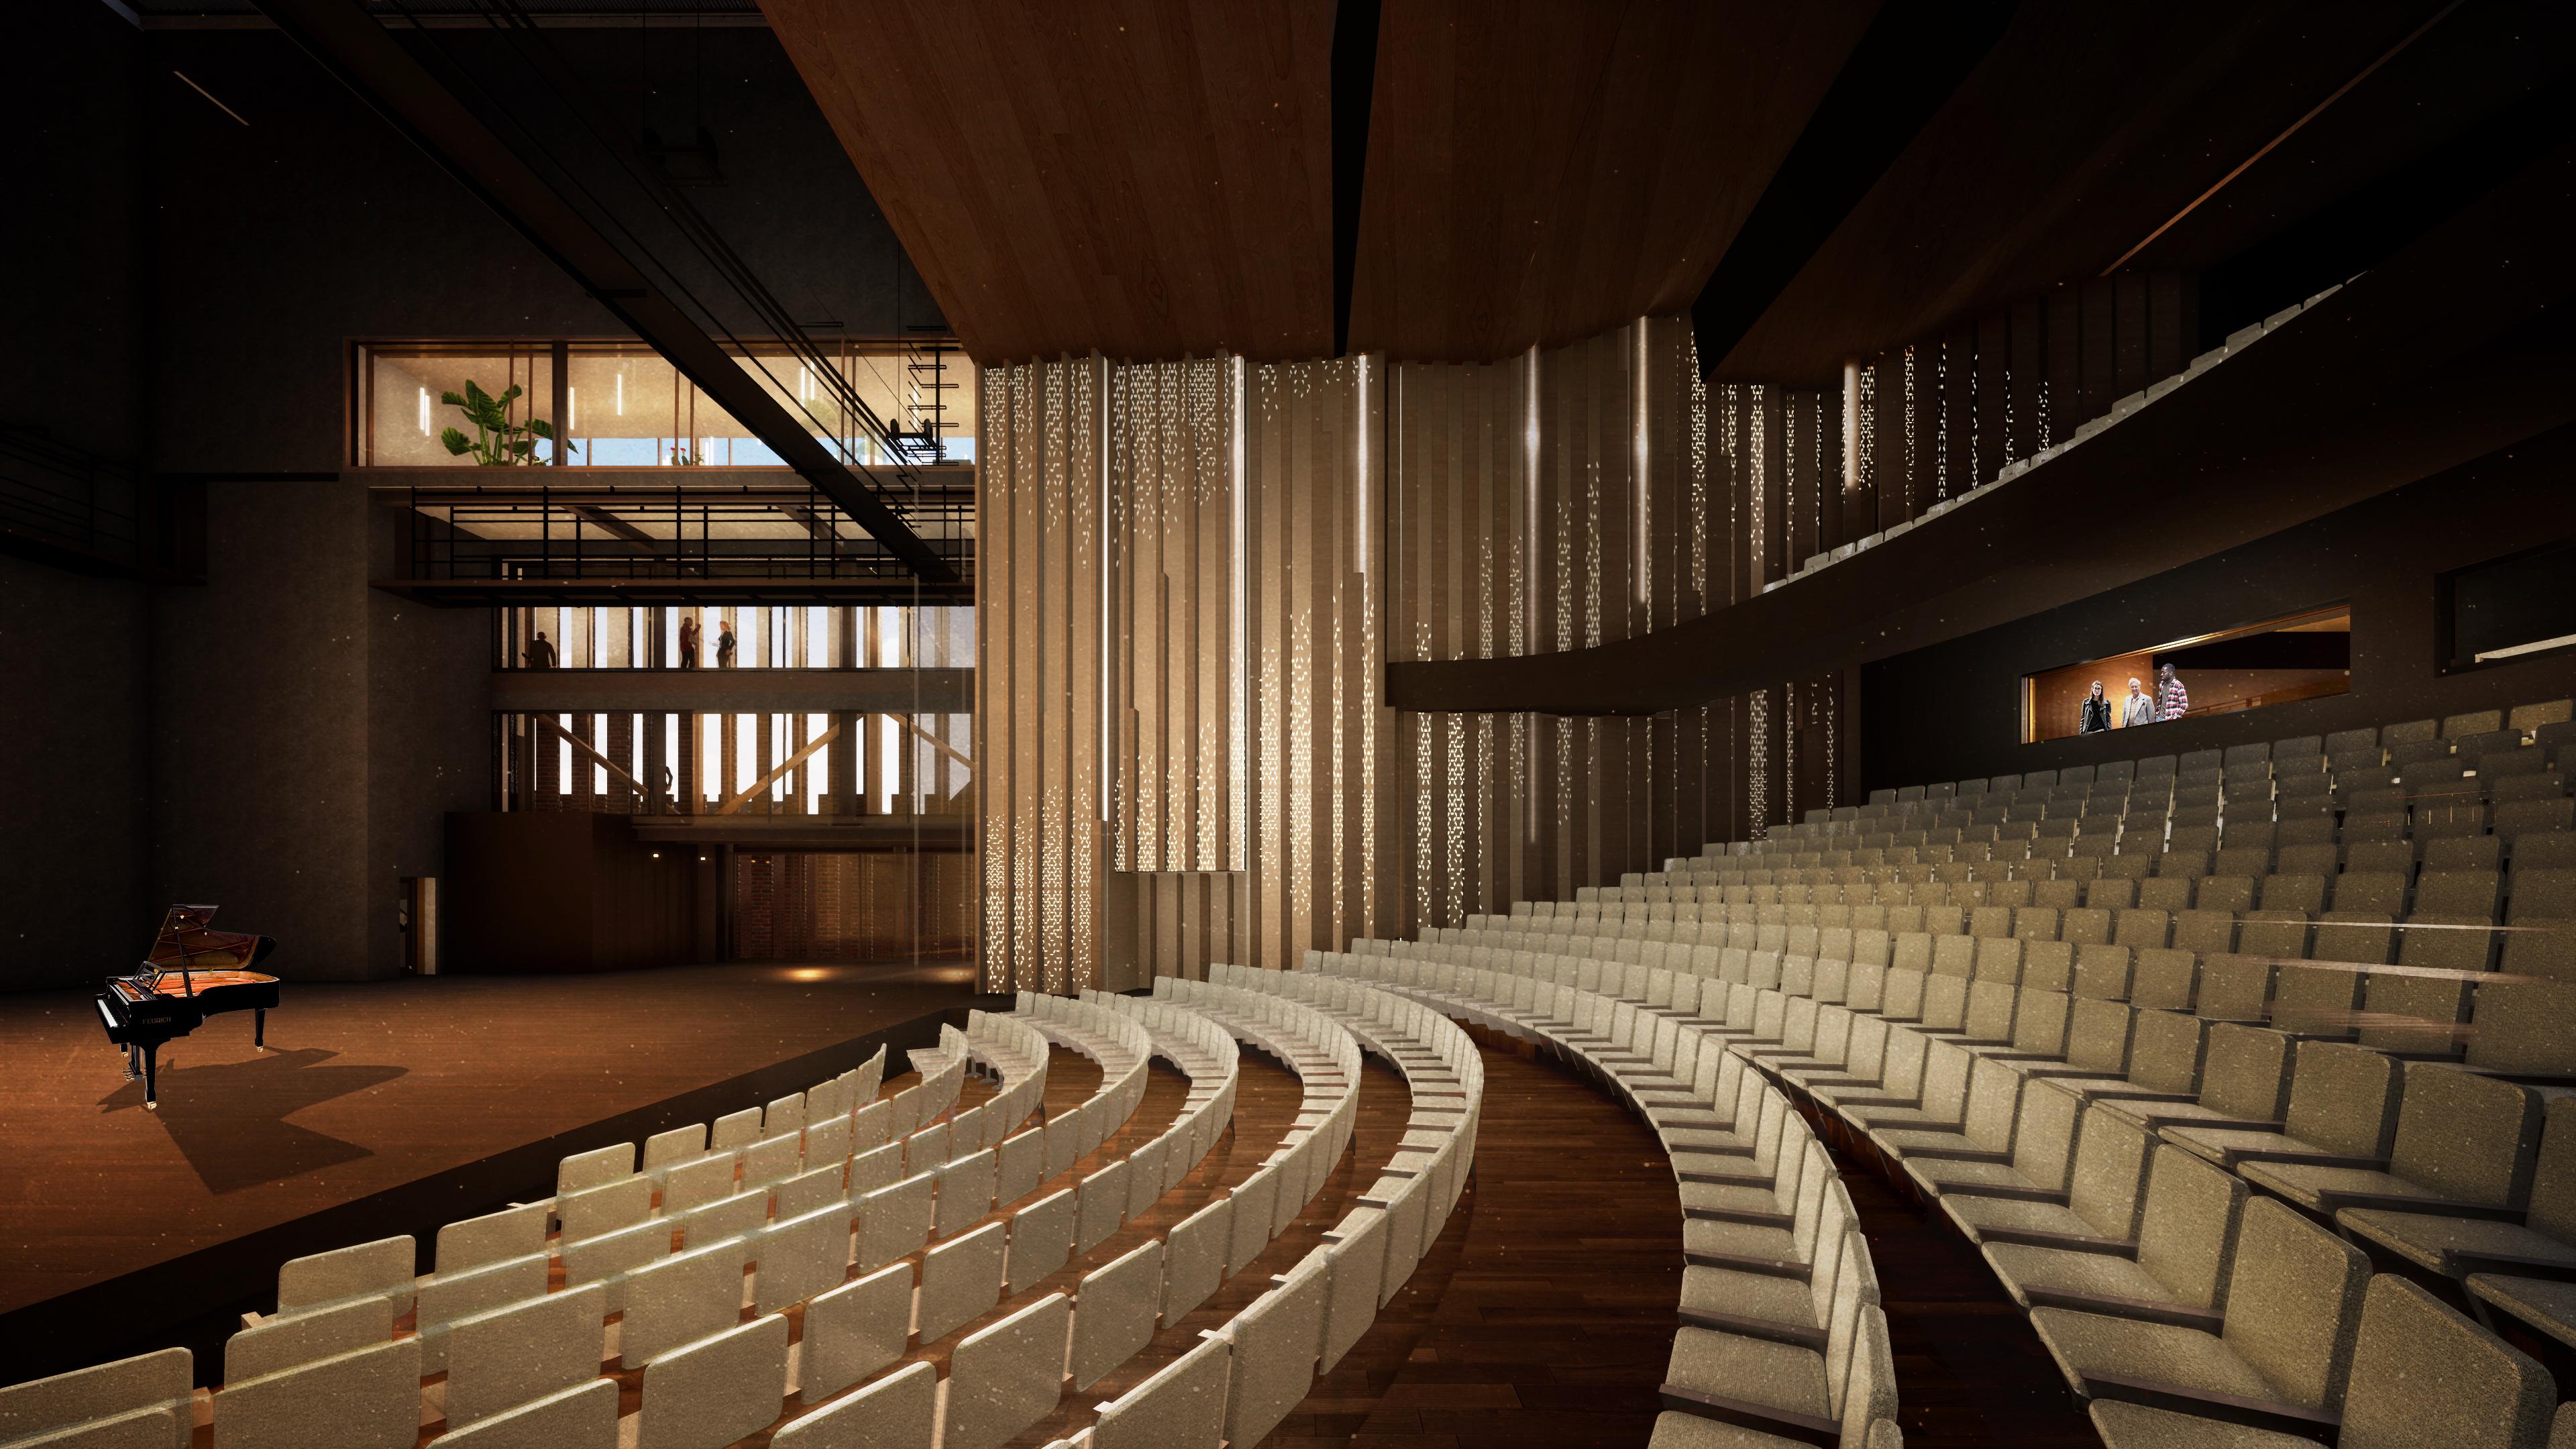 <p>Interieur Grote Zaal, podium en parterre. Theater aan de Parade door NOAHH | Network Oriented Architecture</p>